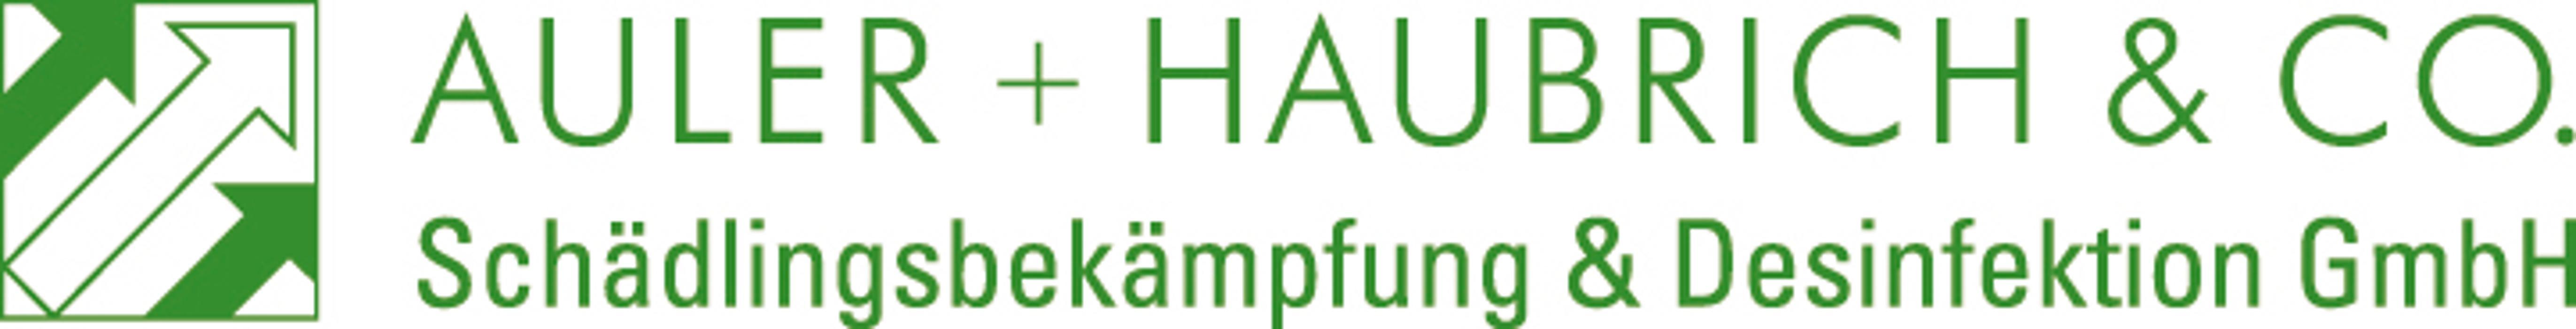 Bild zu AULER + HAUBRICH & CO. SCHÄDLINGSBEKÄMPFUNG & DESINFEKTION GMBH in Mannheim